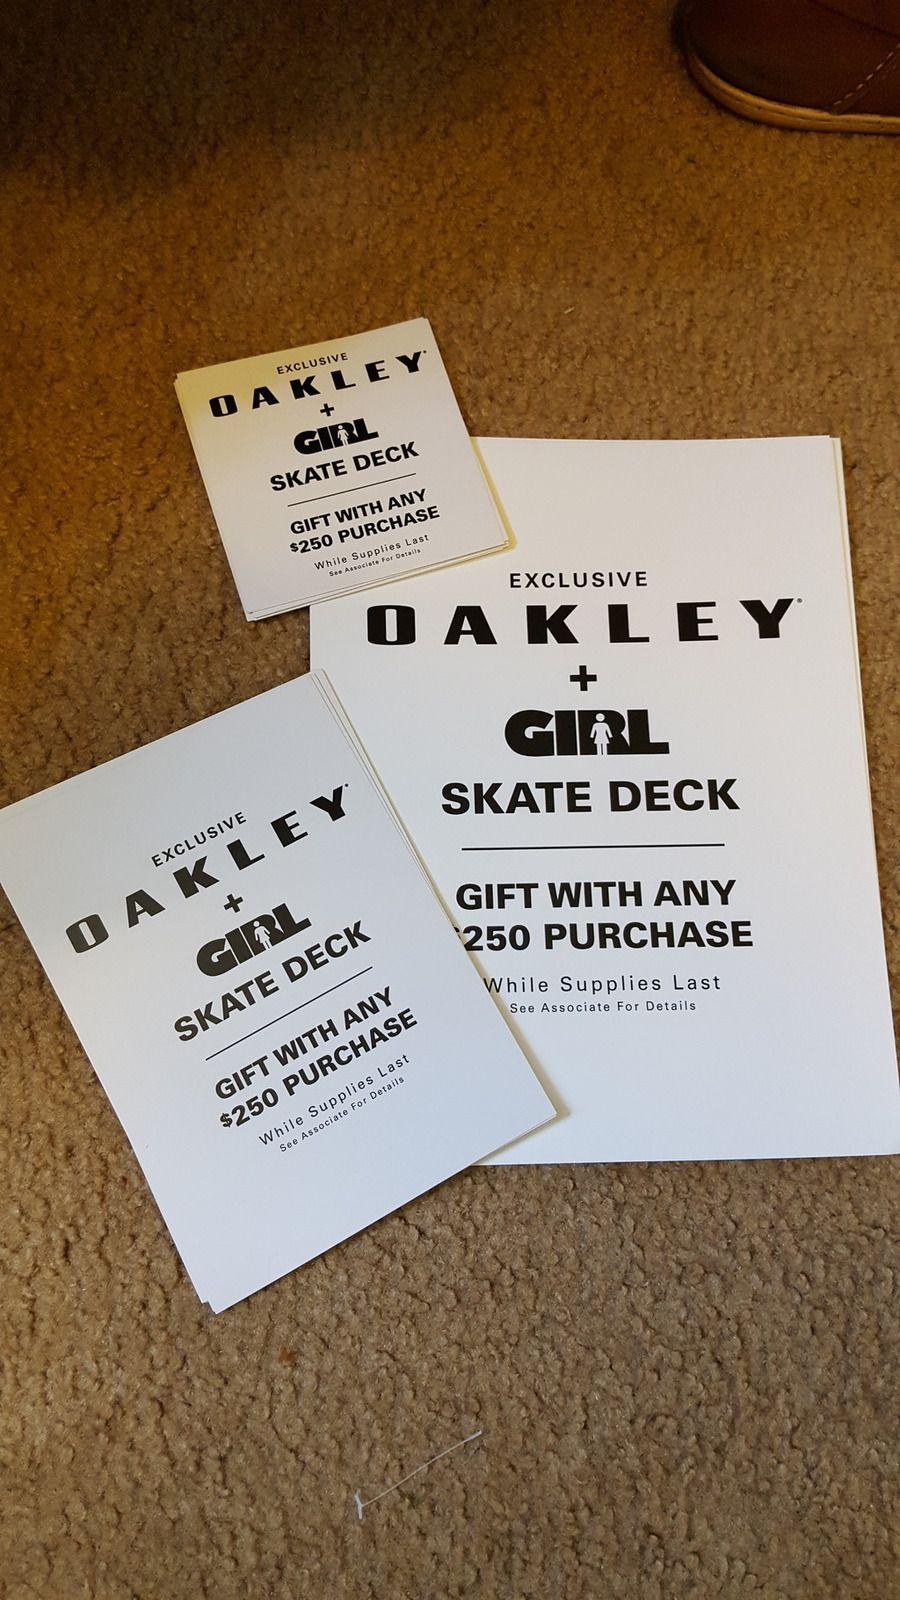 Oakley x Girl cards - 20160508_150702_zpsldqowop3.jpg